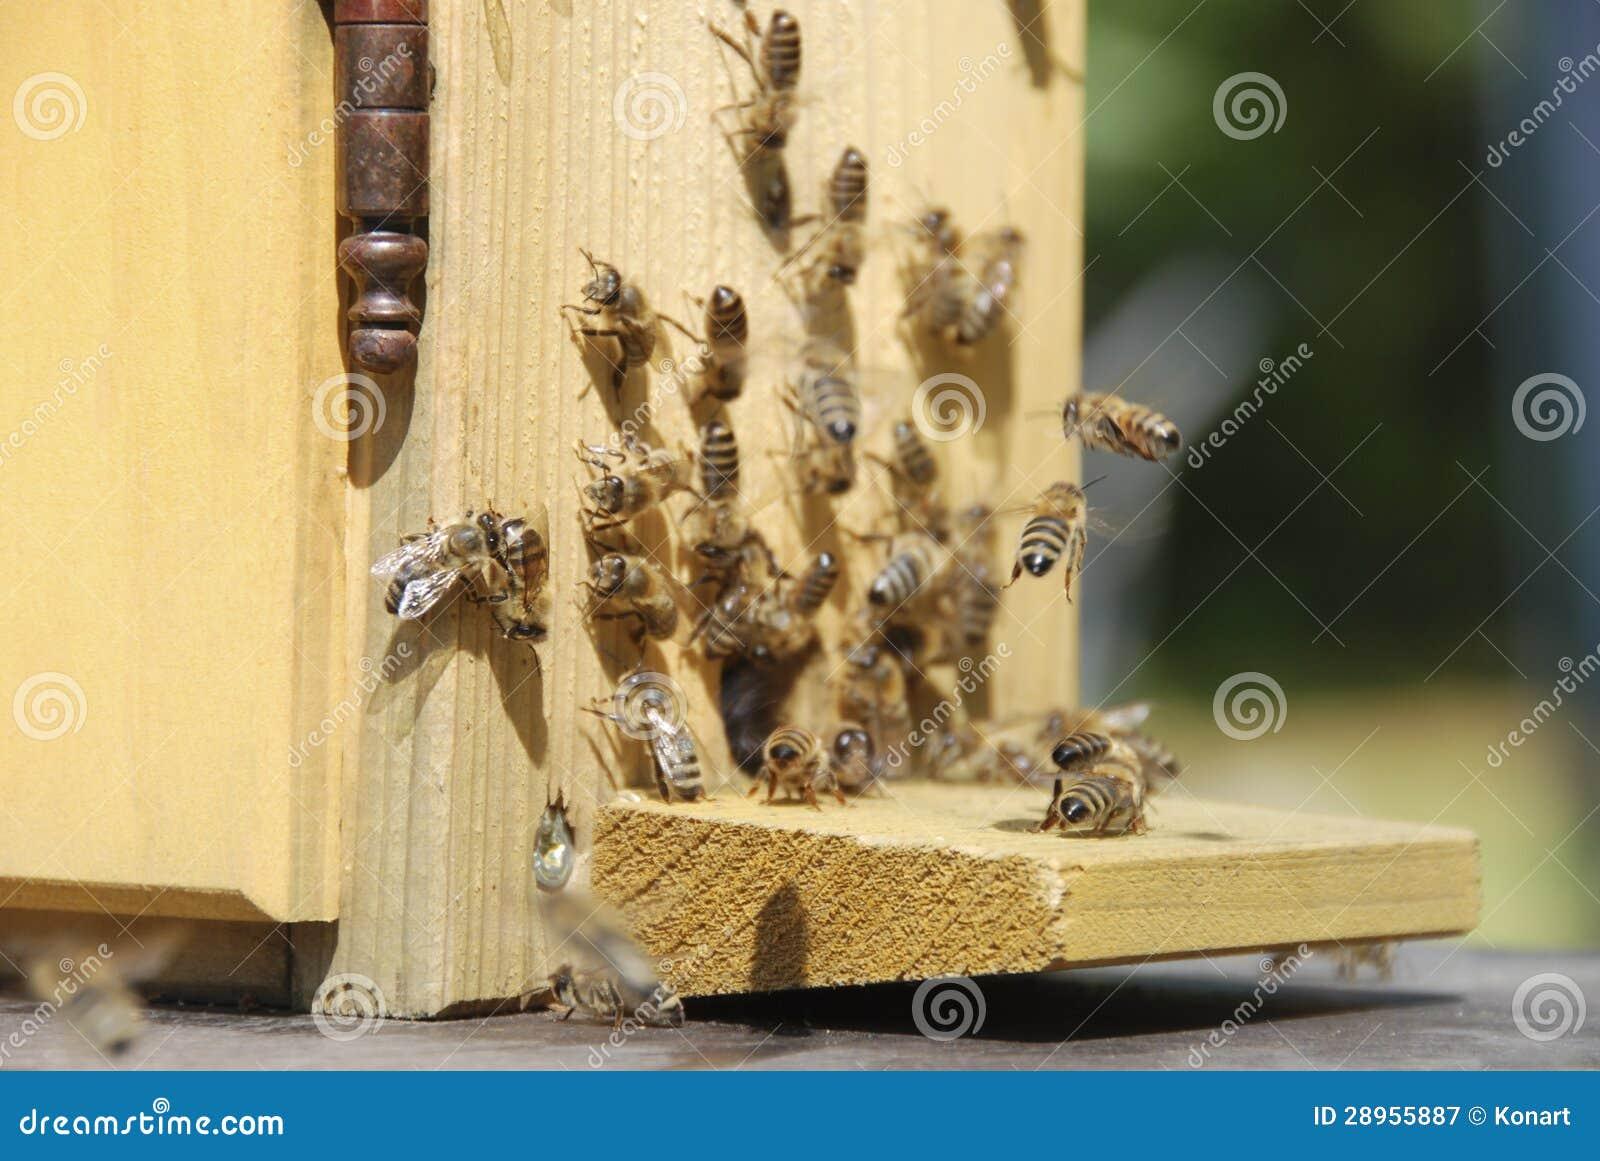 Ruchliwie pszczoły przed rojem